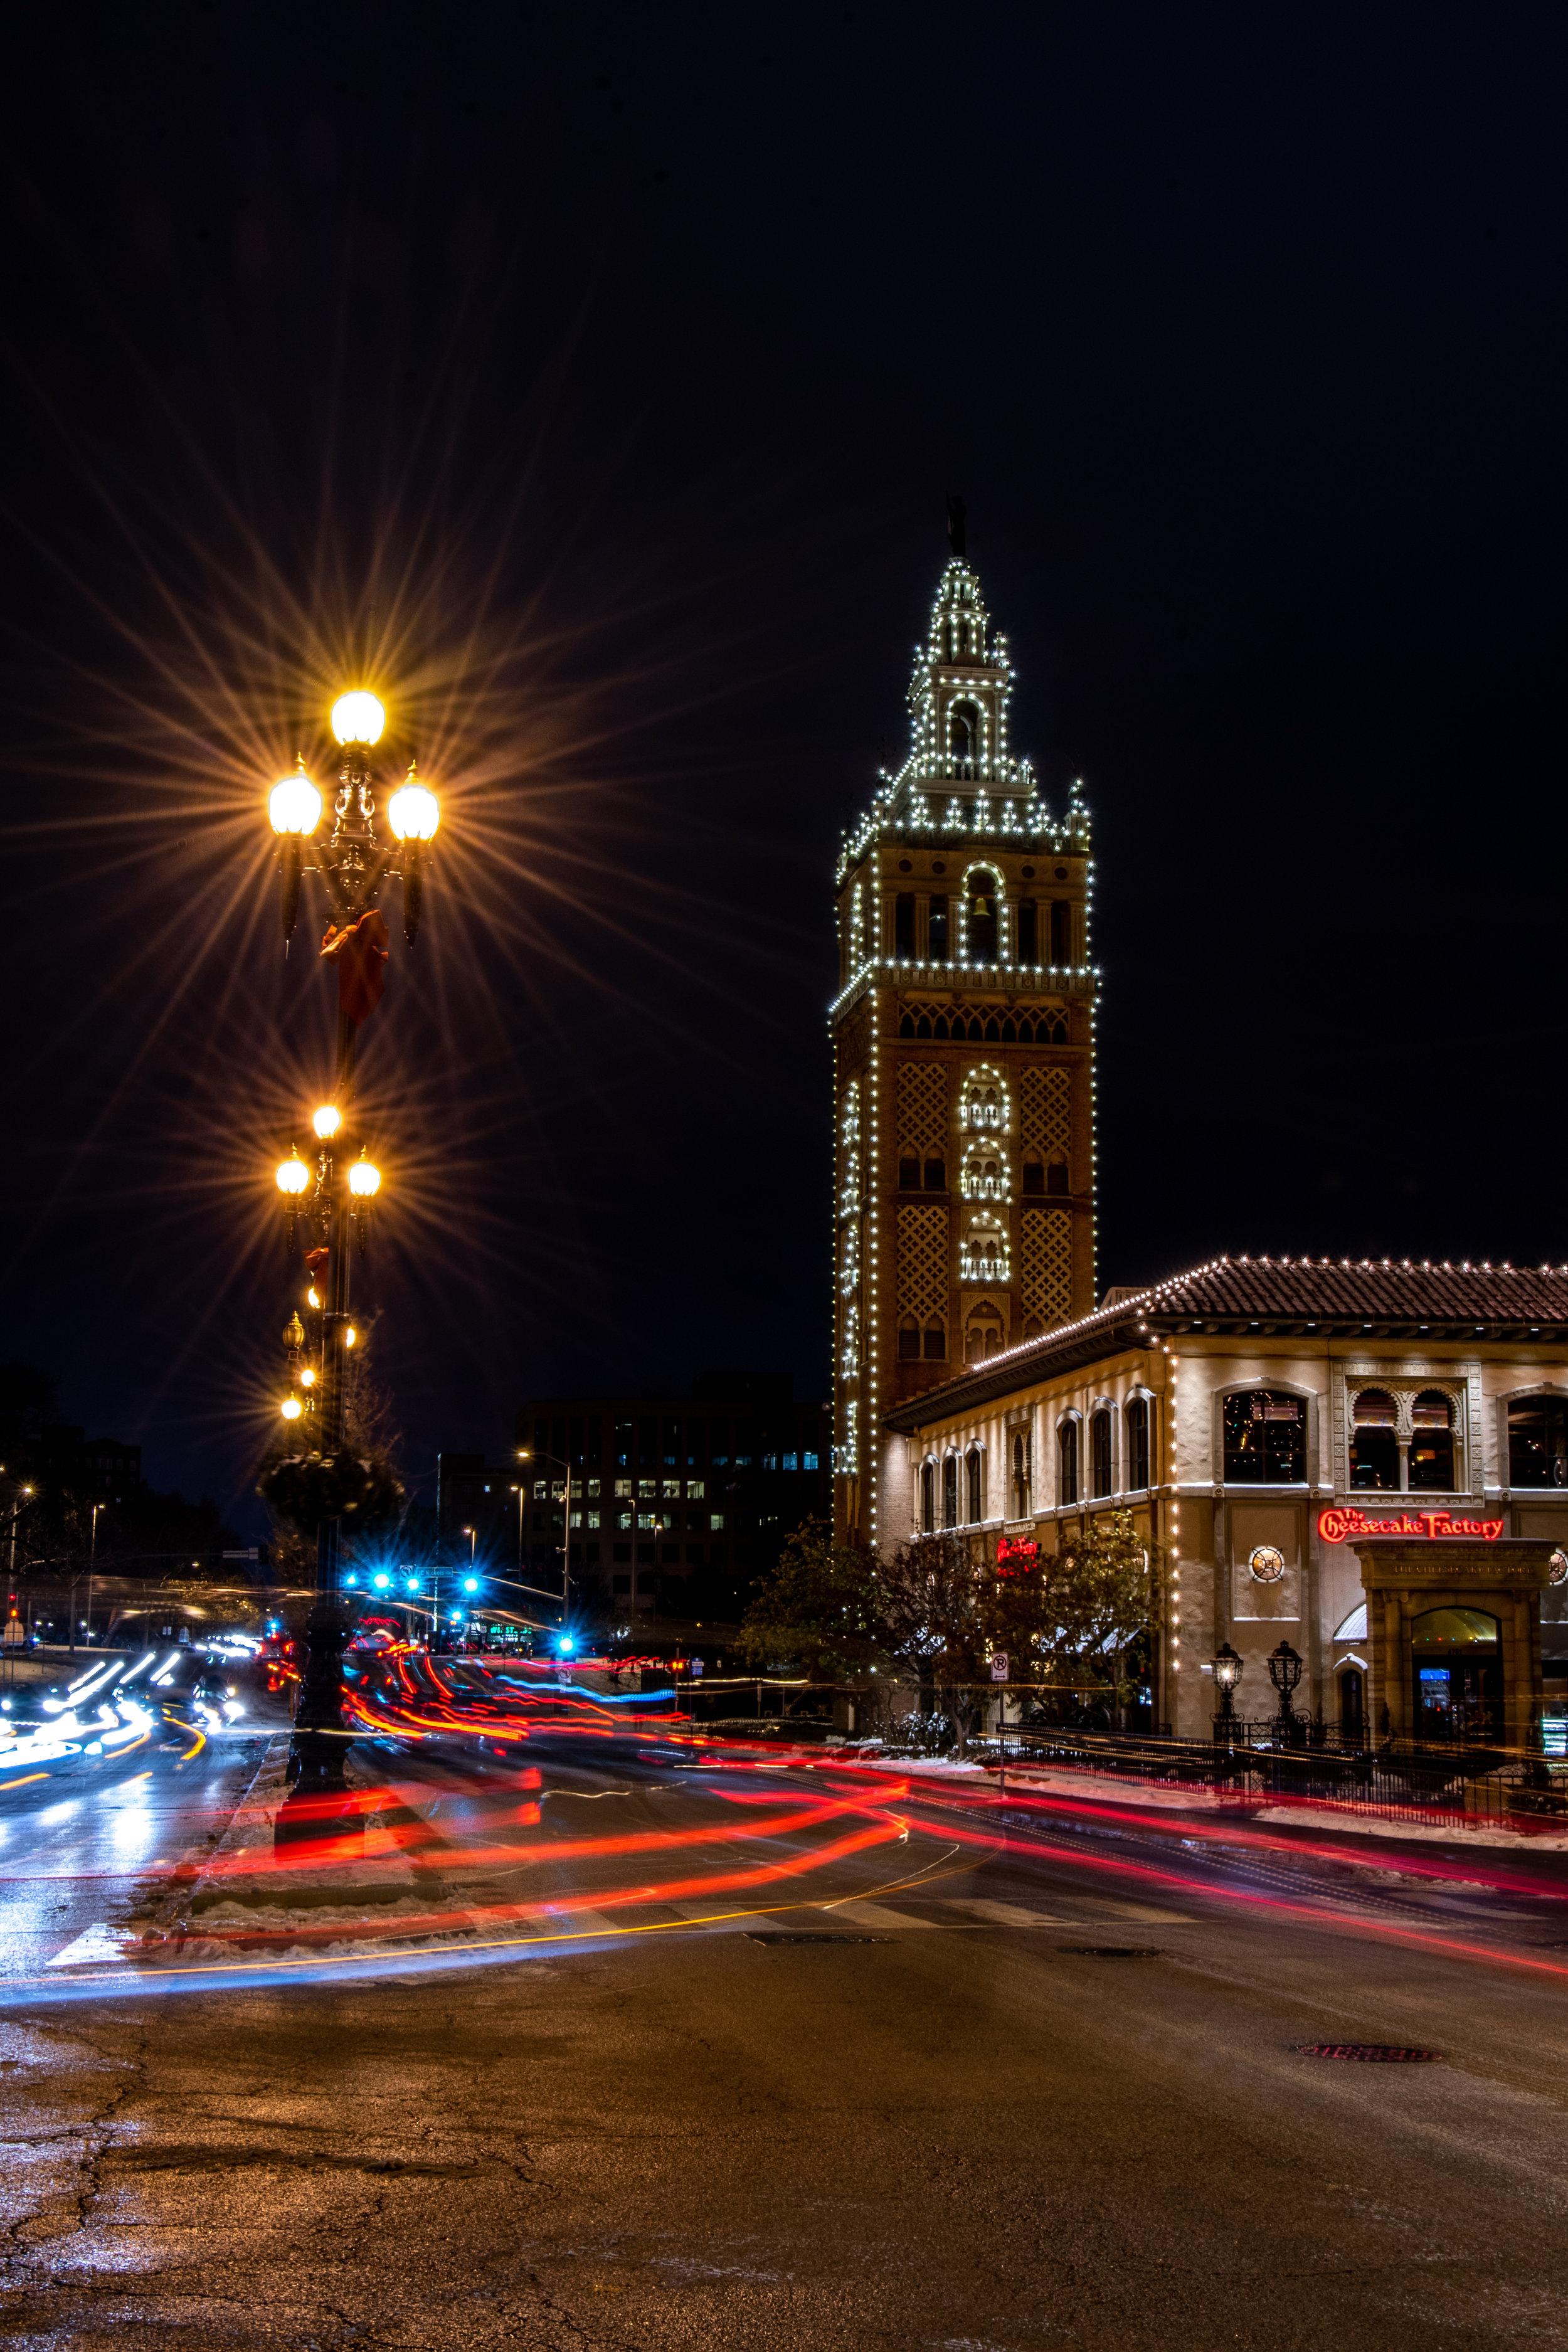 christmas-in-kansas-city-29-of-70_46025840782_o.jpg